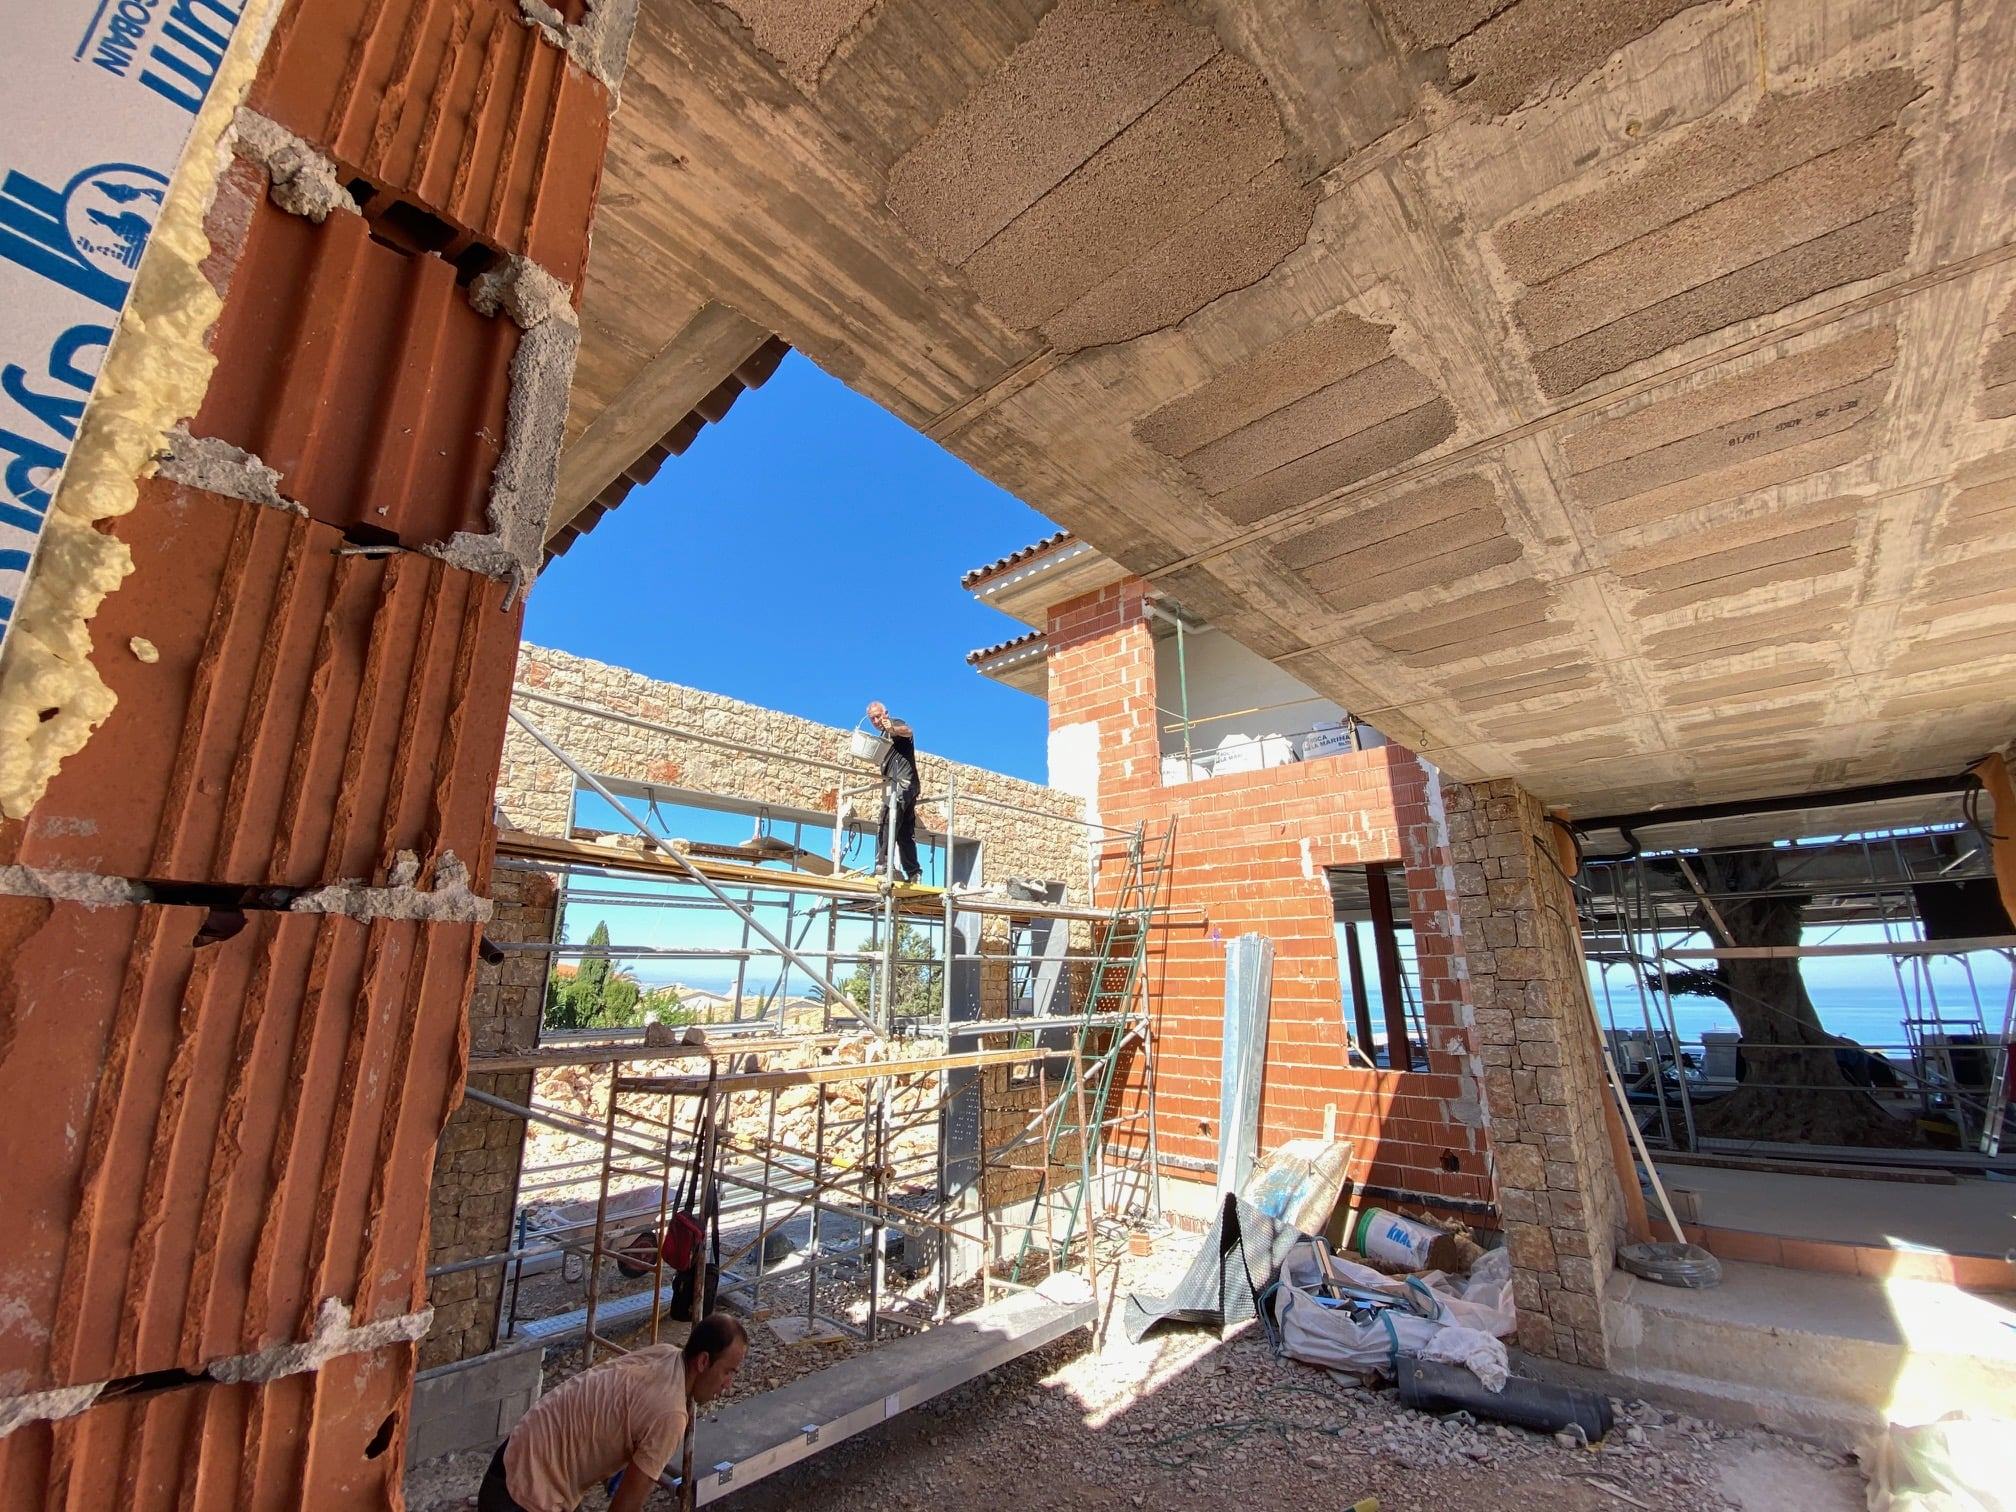 Costa Blanca Immobilien Bauträger seit 1963 mit deutsche betreuung und Qualität